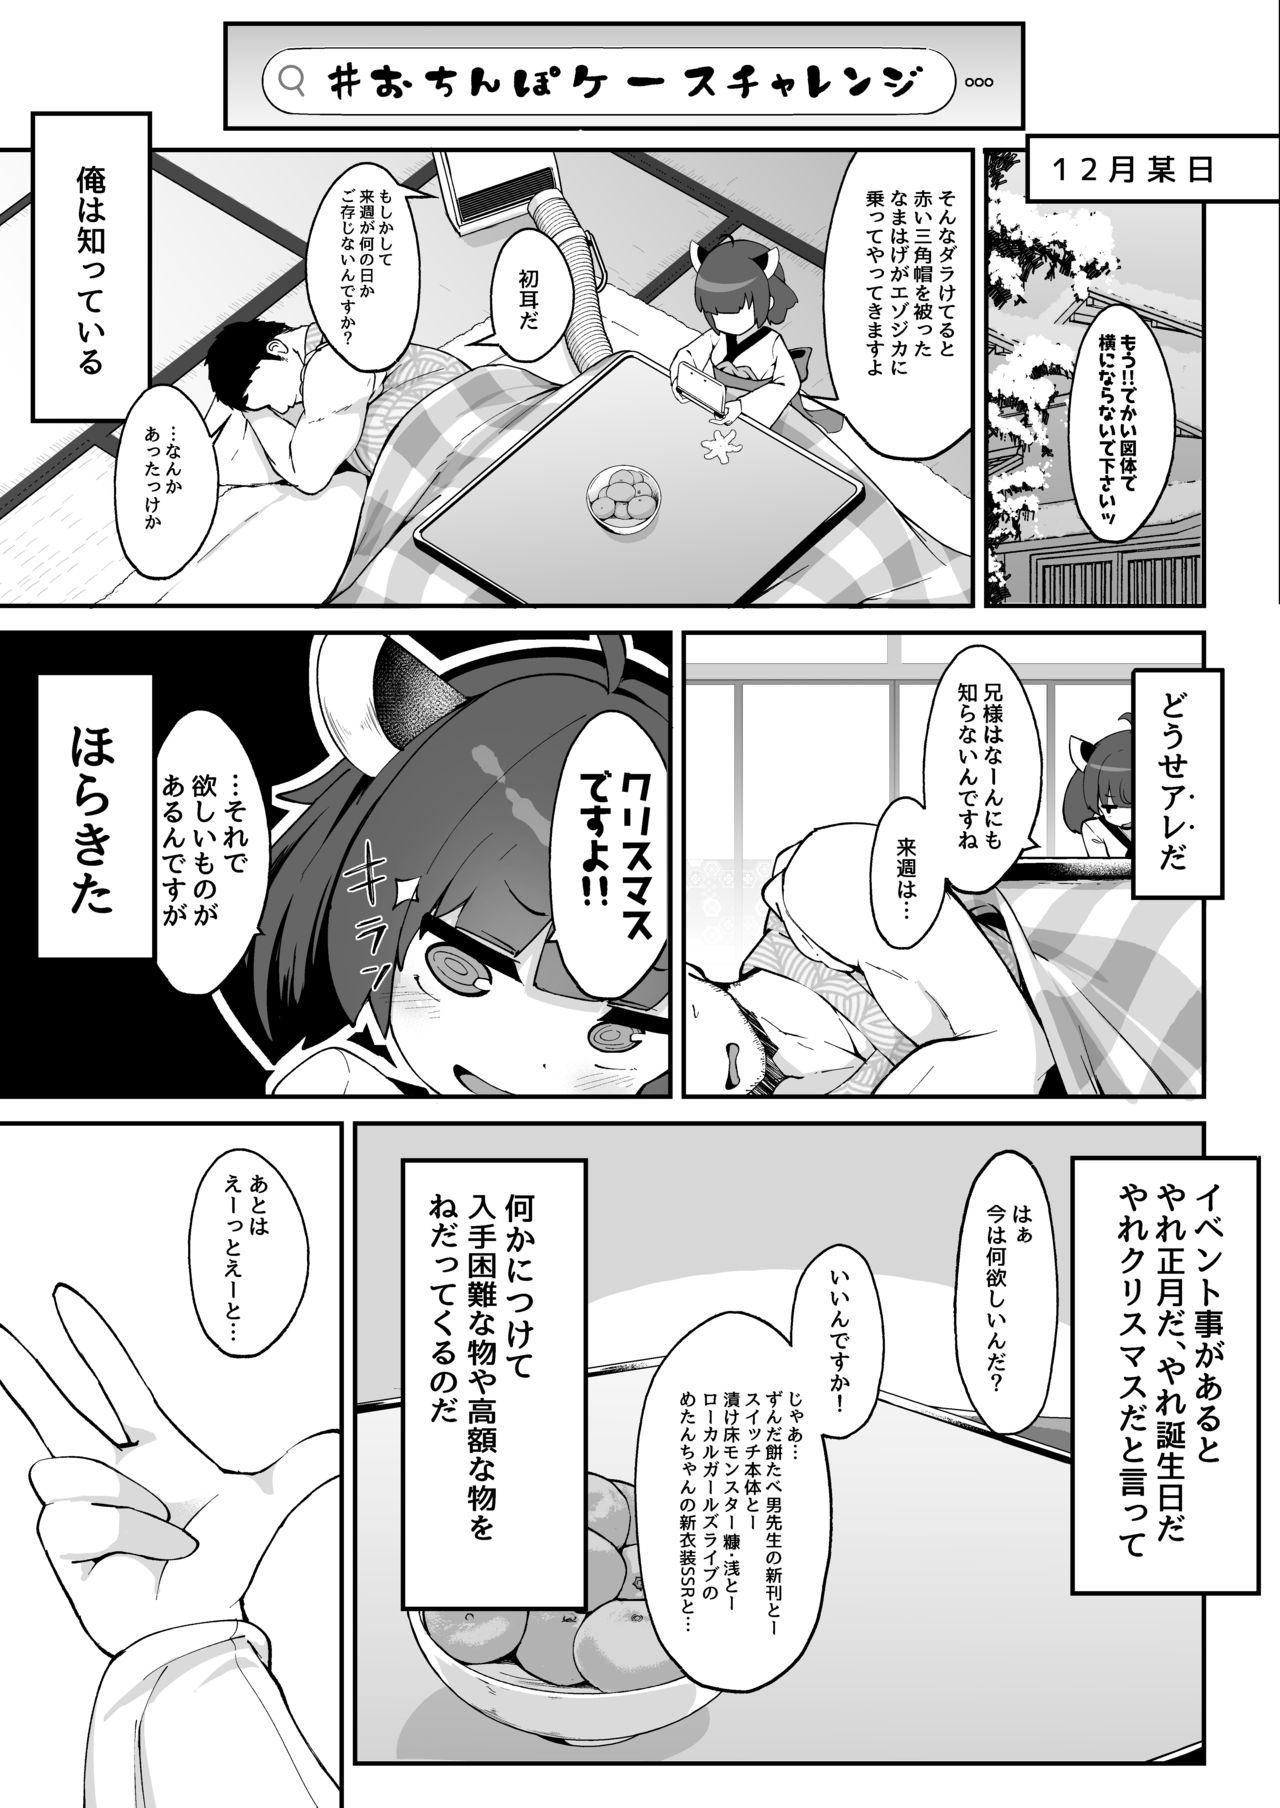 Kiritan no Tadashii Shitsuke-kata. 16